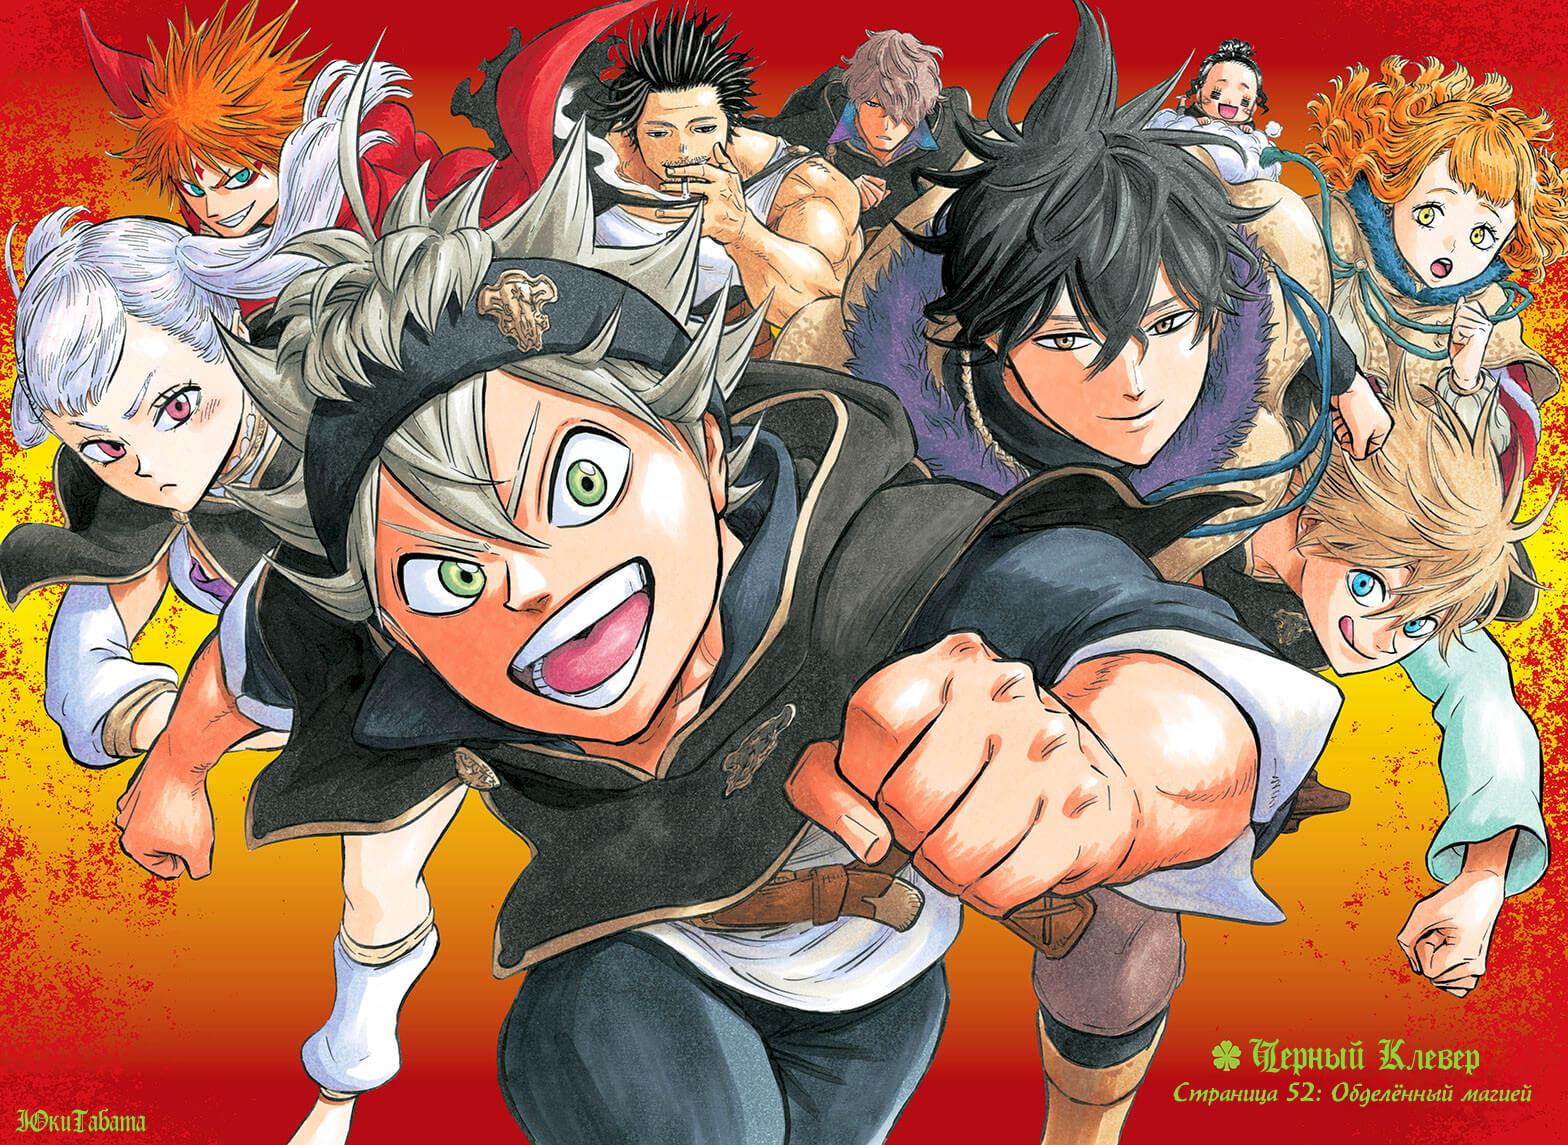 Download OST Opening Ending Anime Black Clover TV Full Version